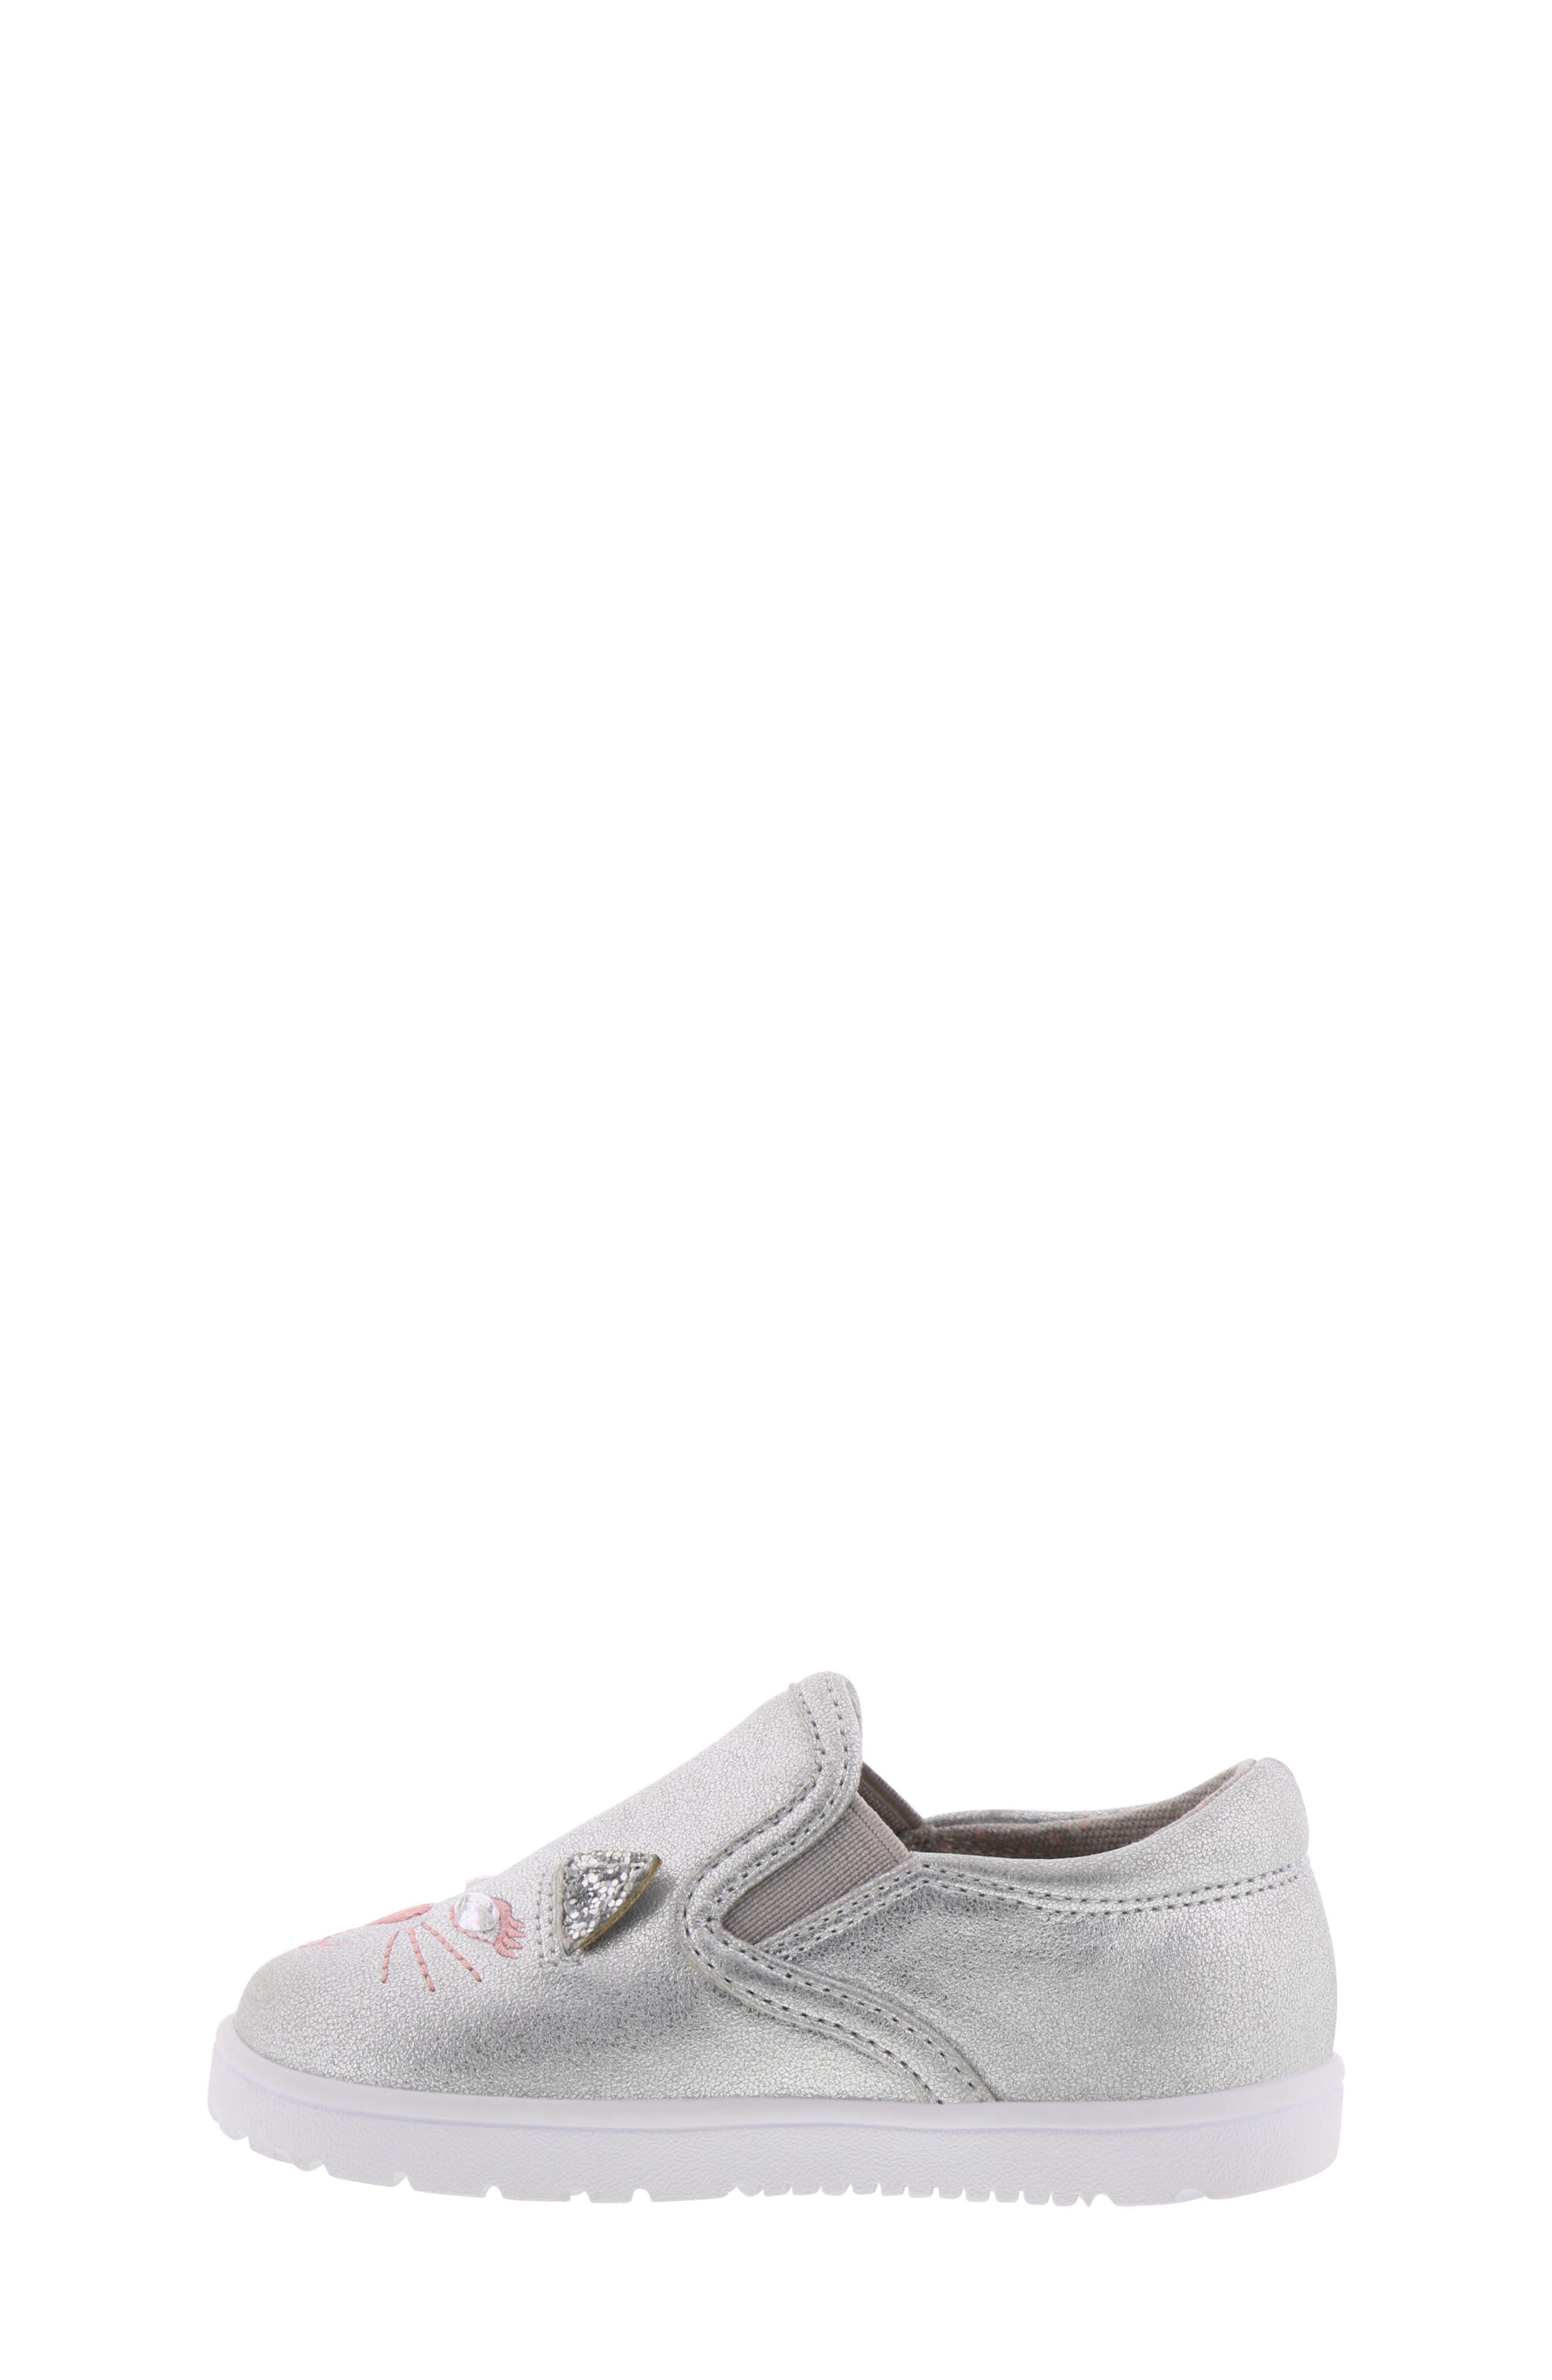 BØRN, Bailey Jaslyna Slip-On Glitter Sneaker, Alternate thumbnail 7, color, SILVER